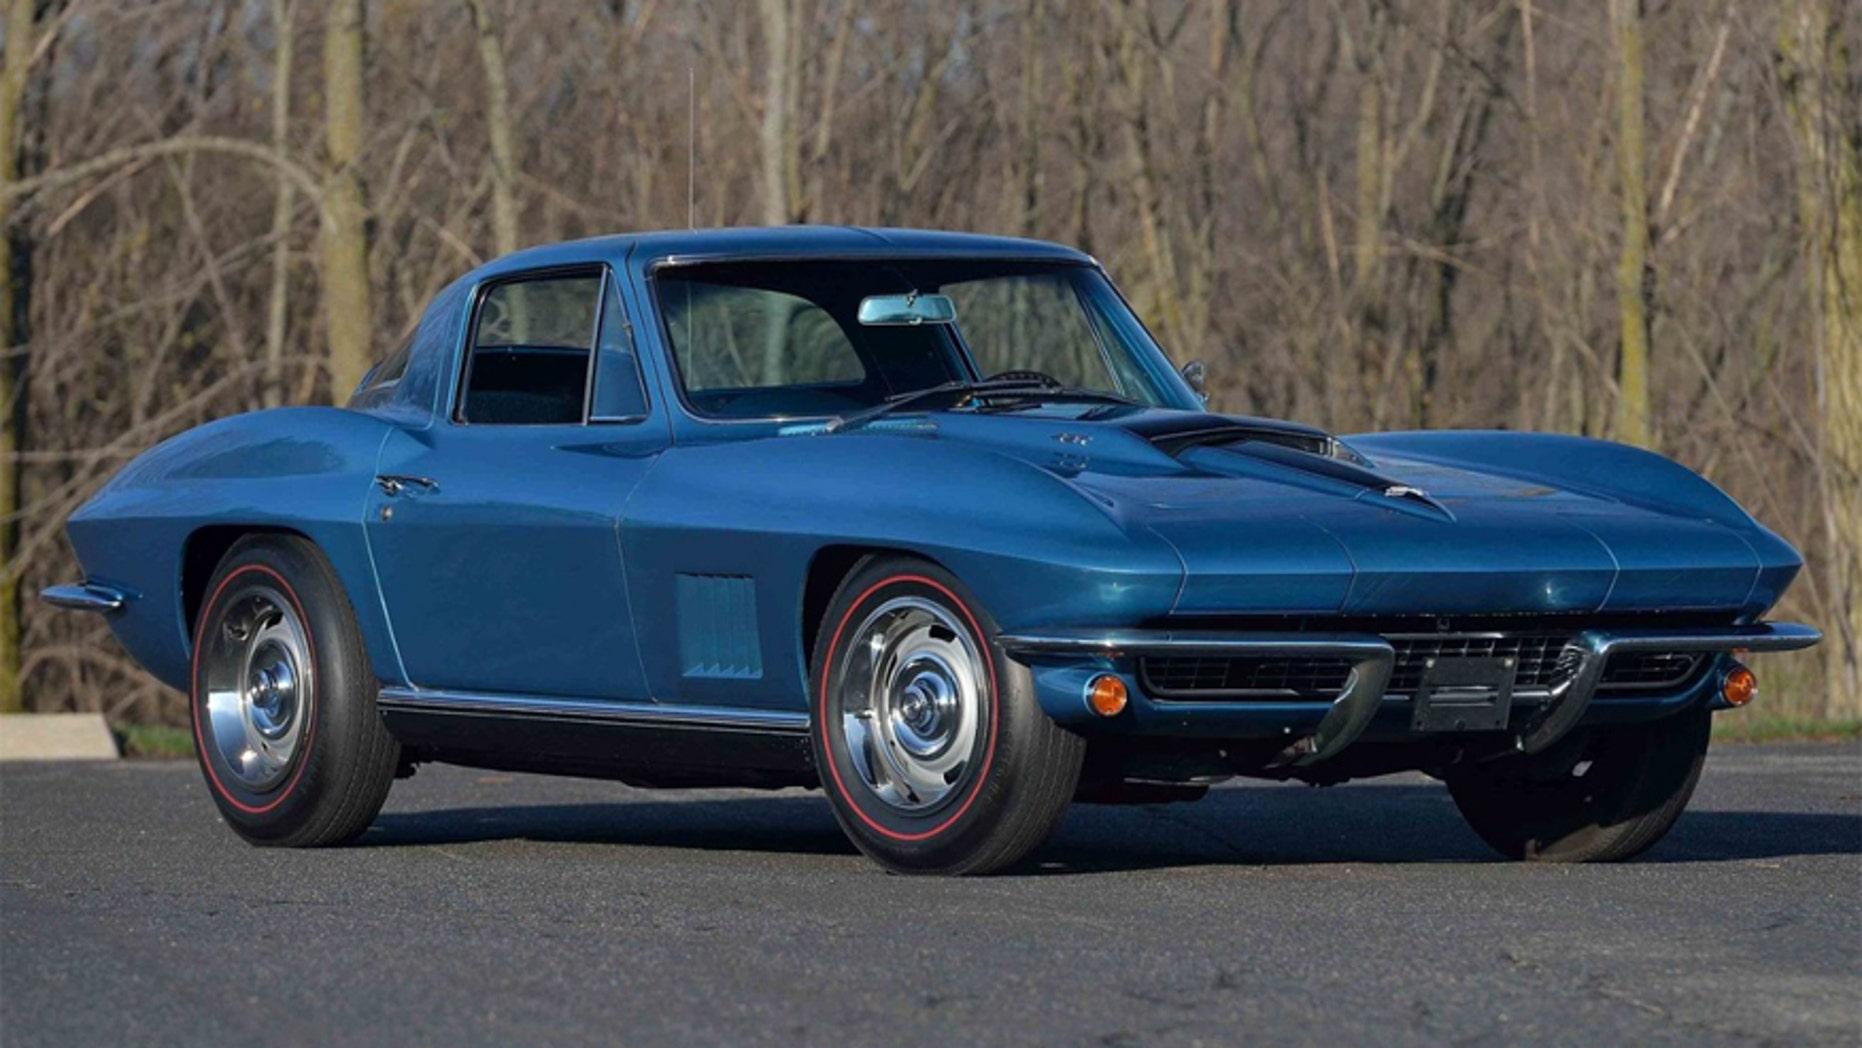 Vietnam veteran's 1967 Corvette sells for $675,000   Fox News